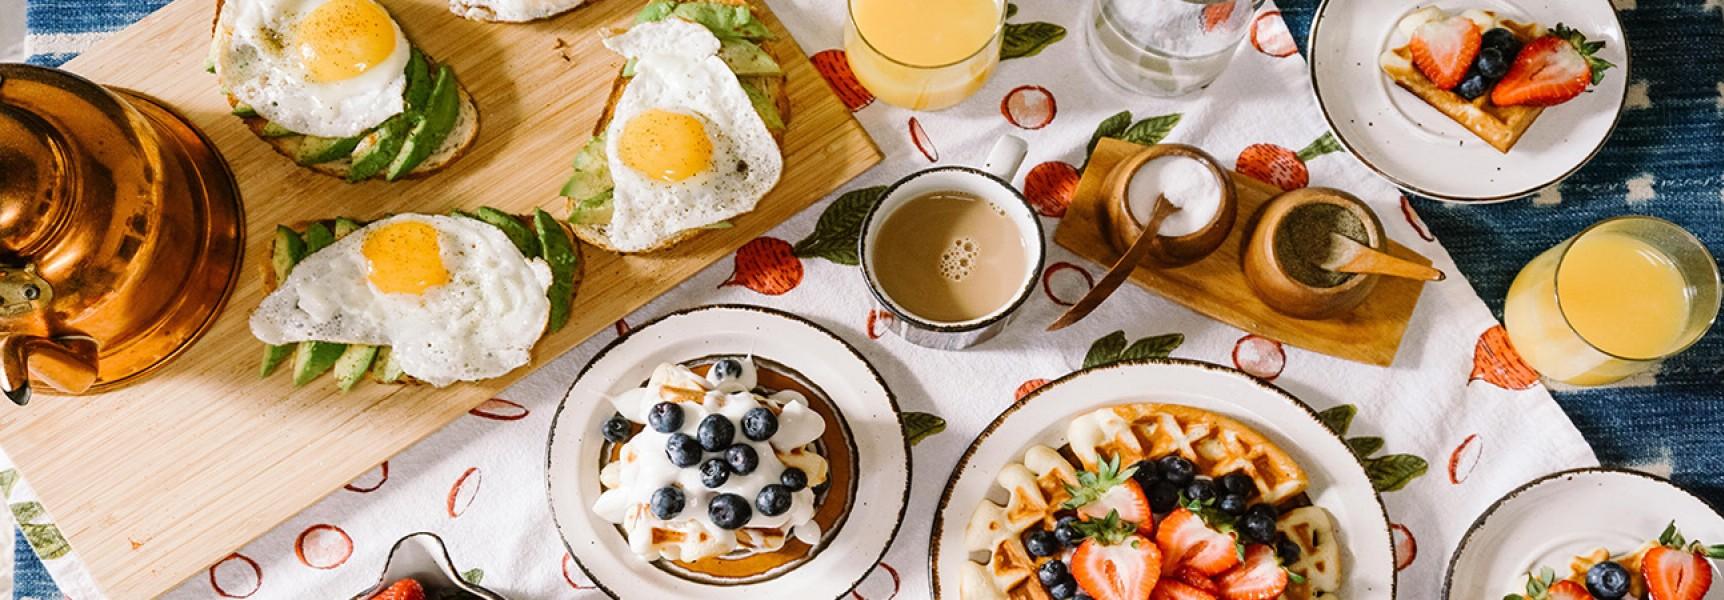 5 Απίστευτα σημεία πρωινού και brunch στην Αθήνα